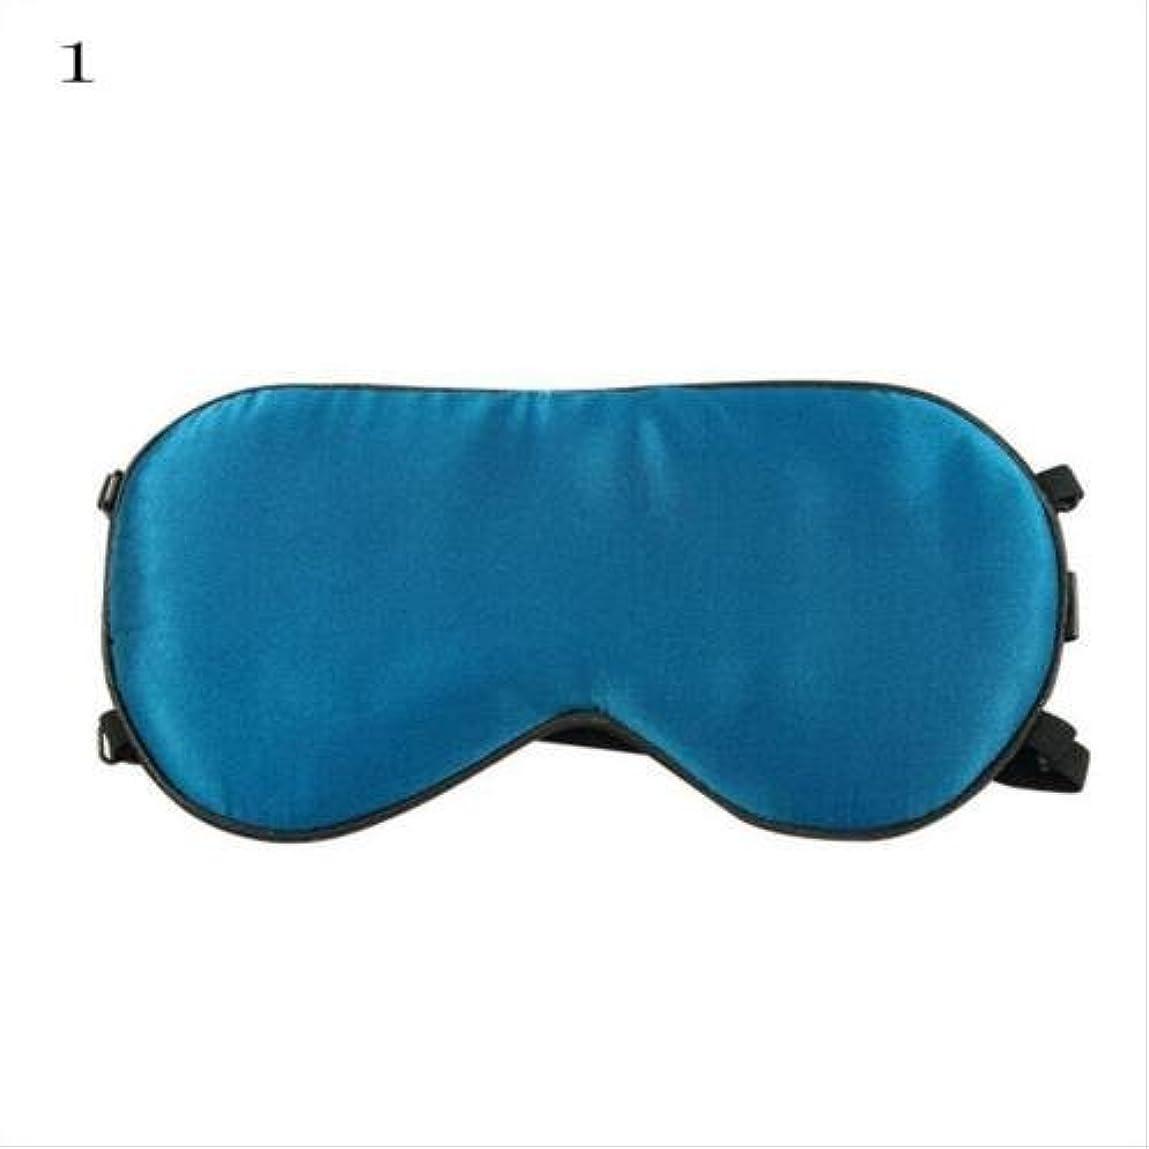 販売員カセットポルトガル語NOTE 高級100%シルクポータブル旅行睡眠アイマスク休息補助ソフトカバーアイパッチアイシェード睡眠マスクケースMR096